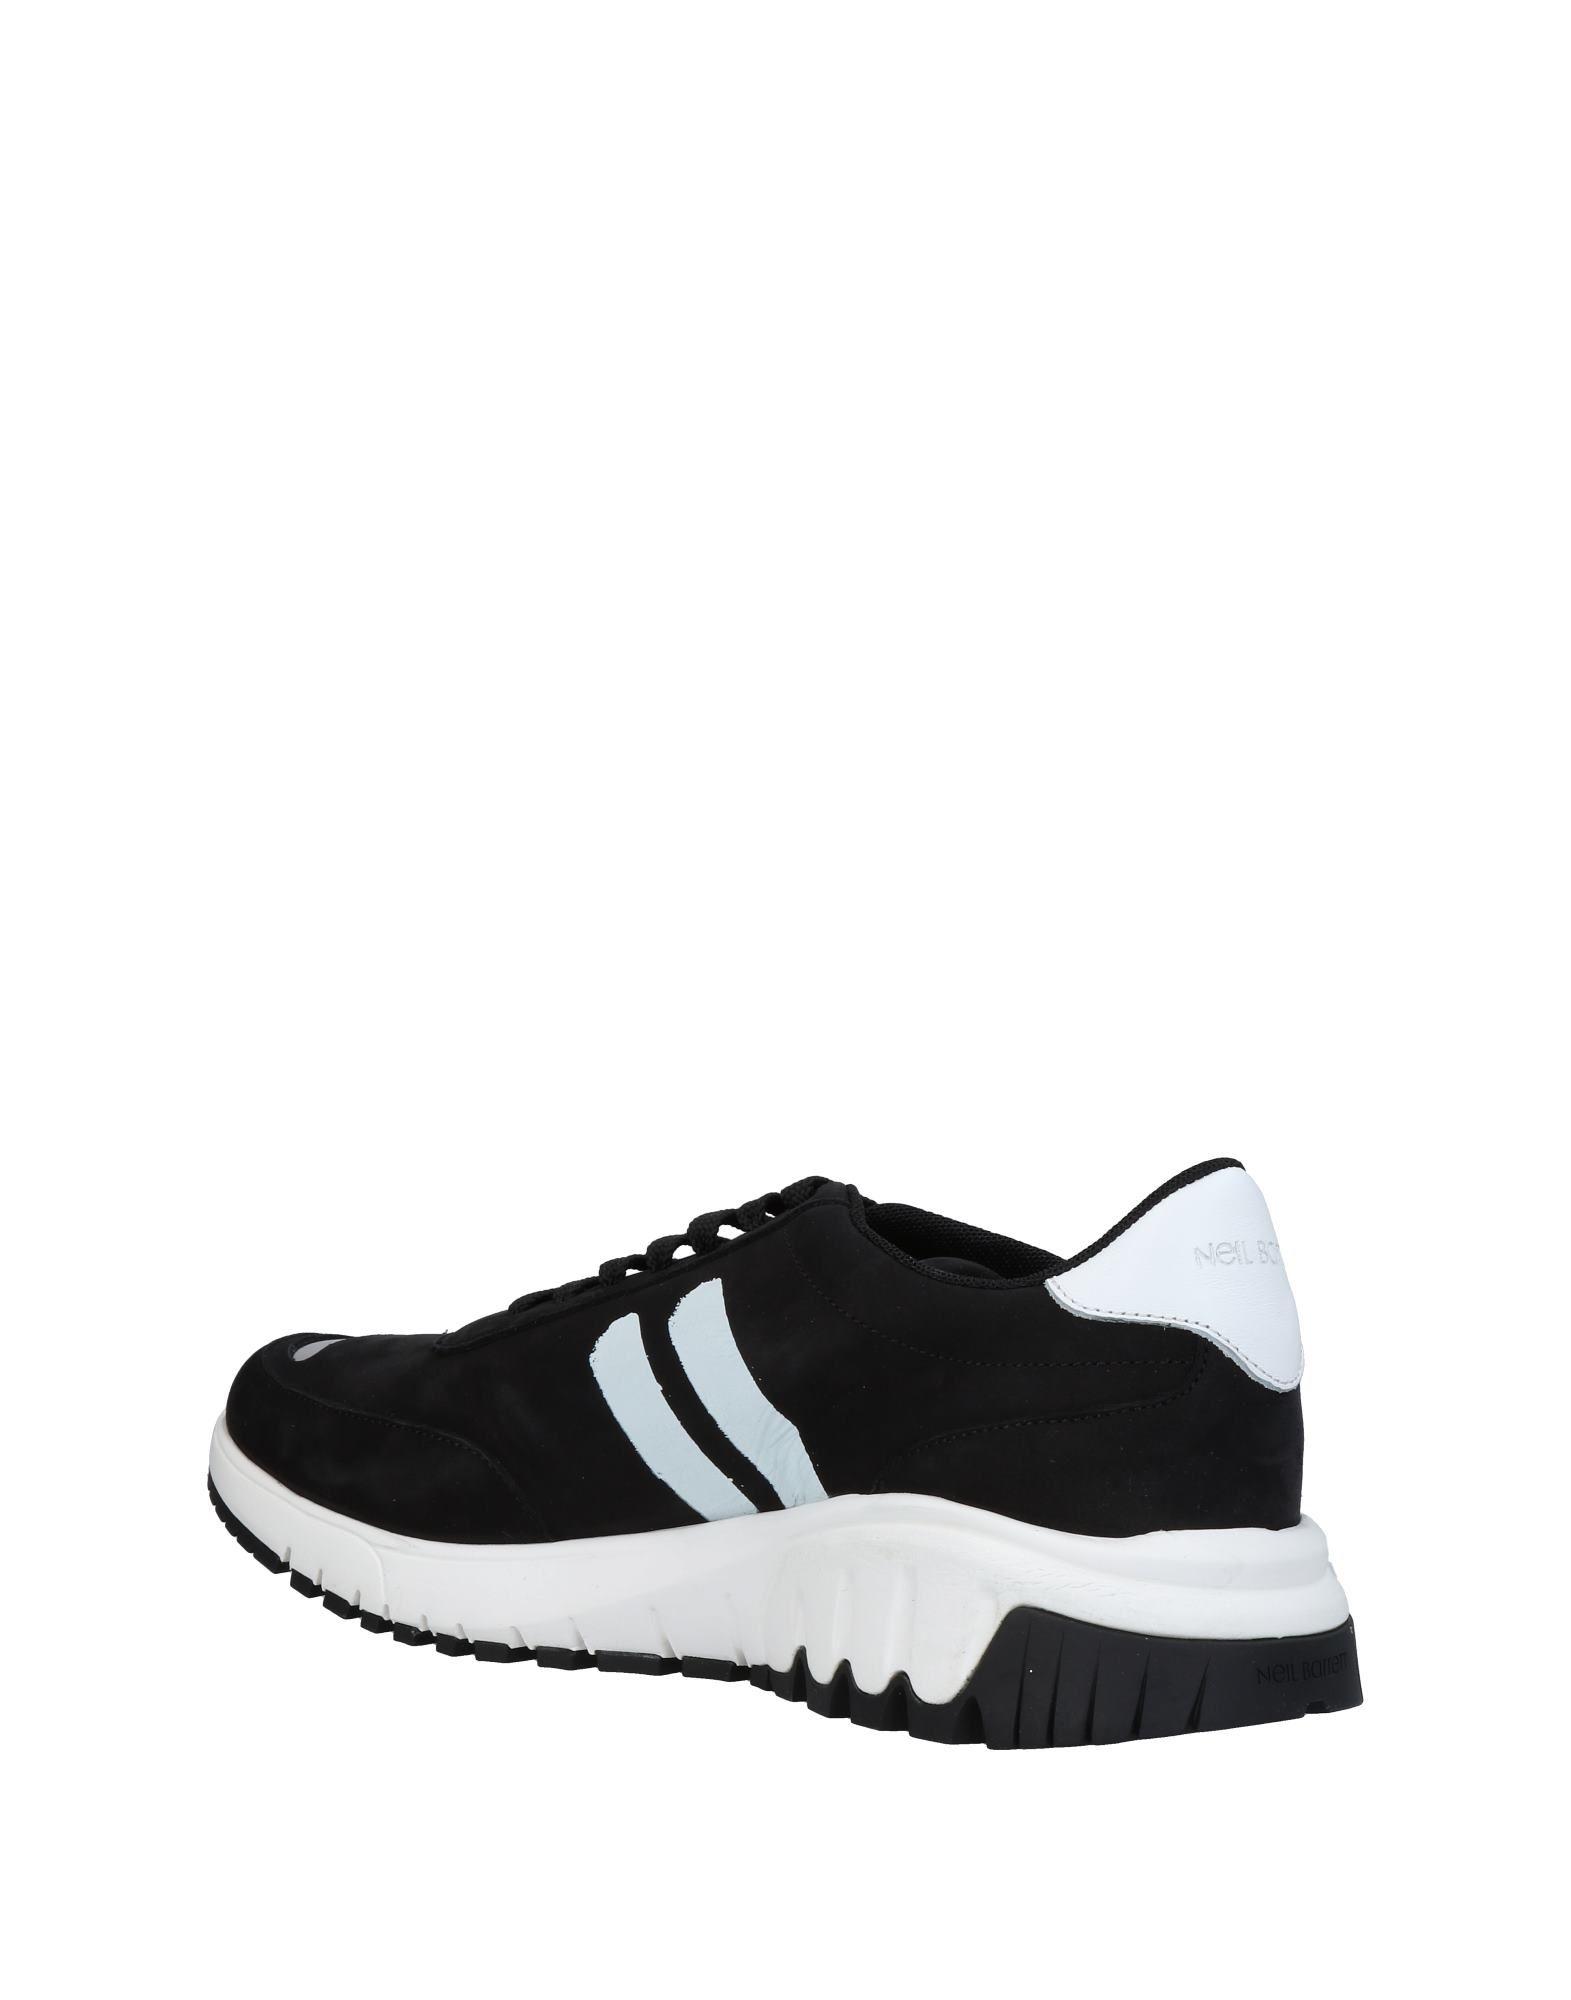 Neil Barrett Sneakers Herren beliebte  11441466JQ Gute Qualität beliebte Herren Schuhe 67c295